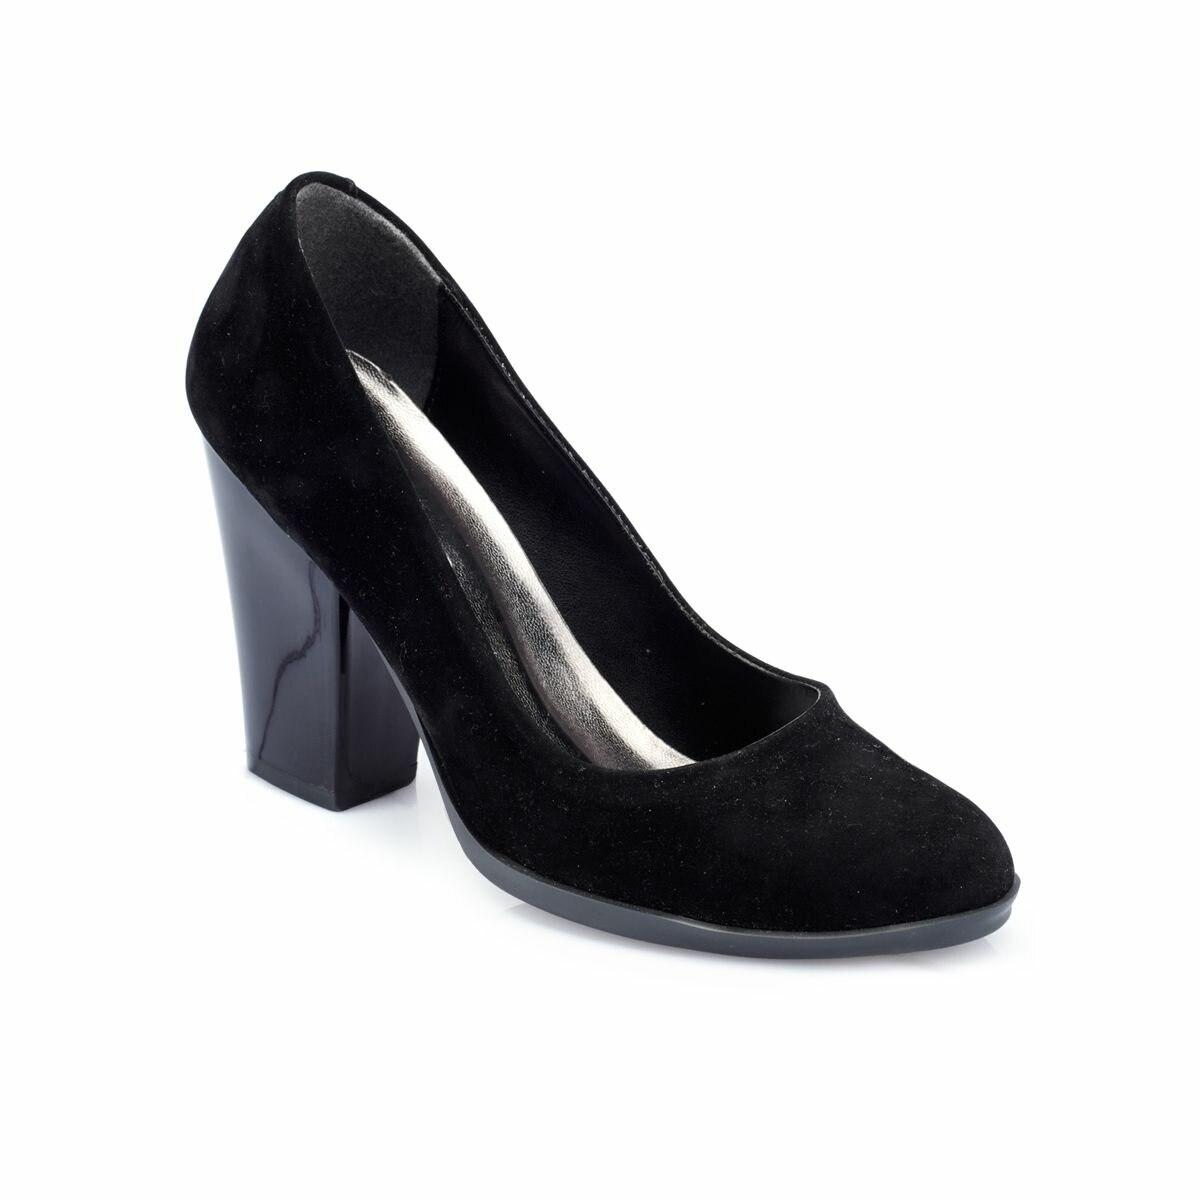 Flo 82.312122sz preto mulher gova sapatos polaris